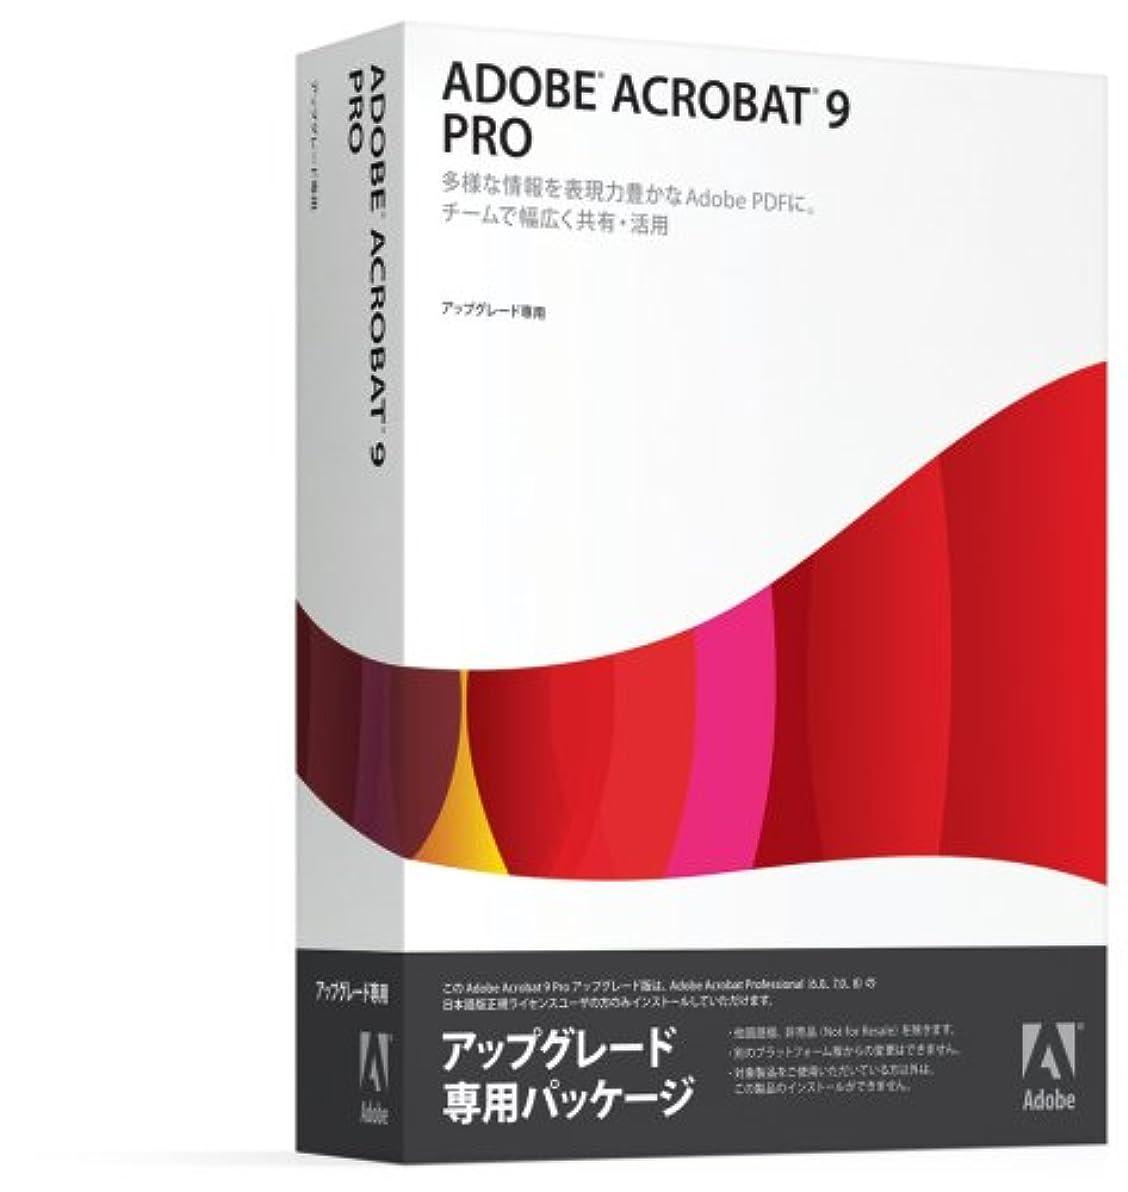 奴隷熱心な頂点Adobe Acrobat 9 Pro 日本語版 アップグレード版 (PRO-PRO) Windows版